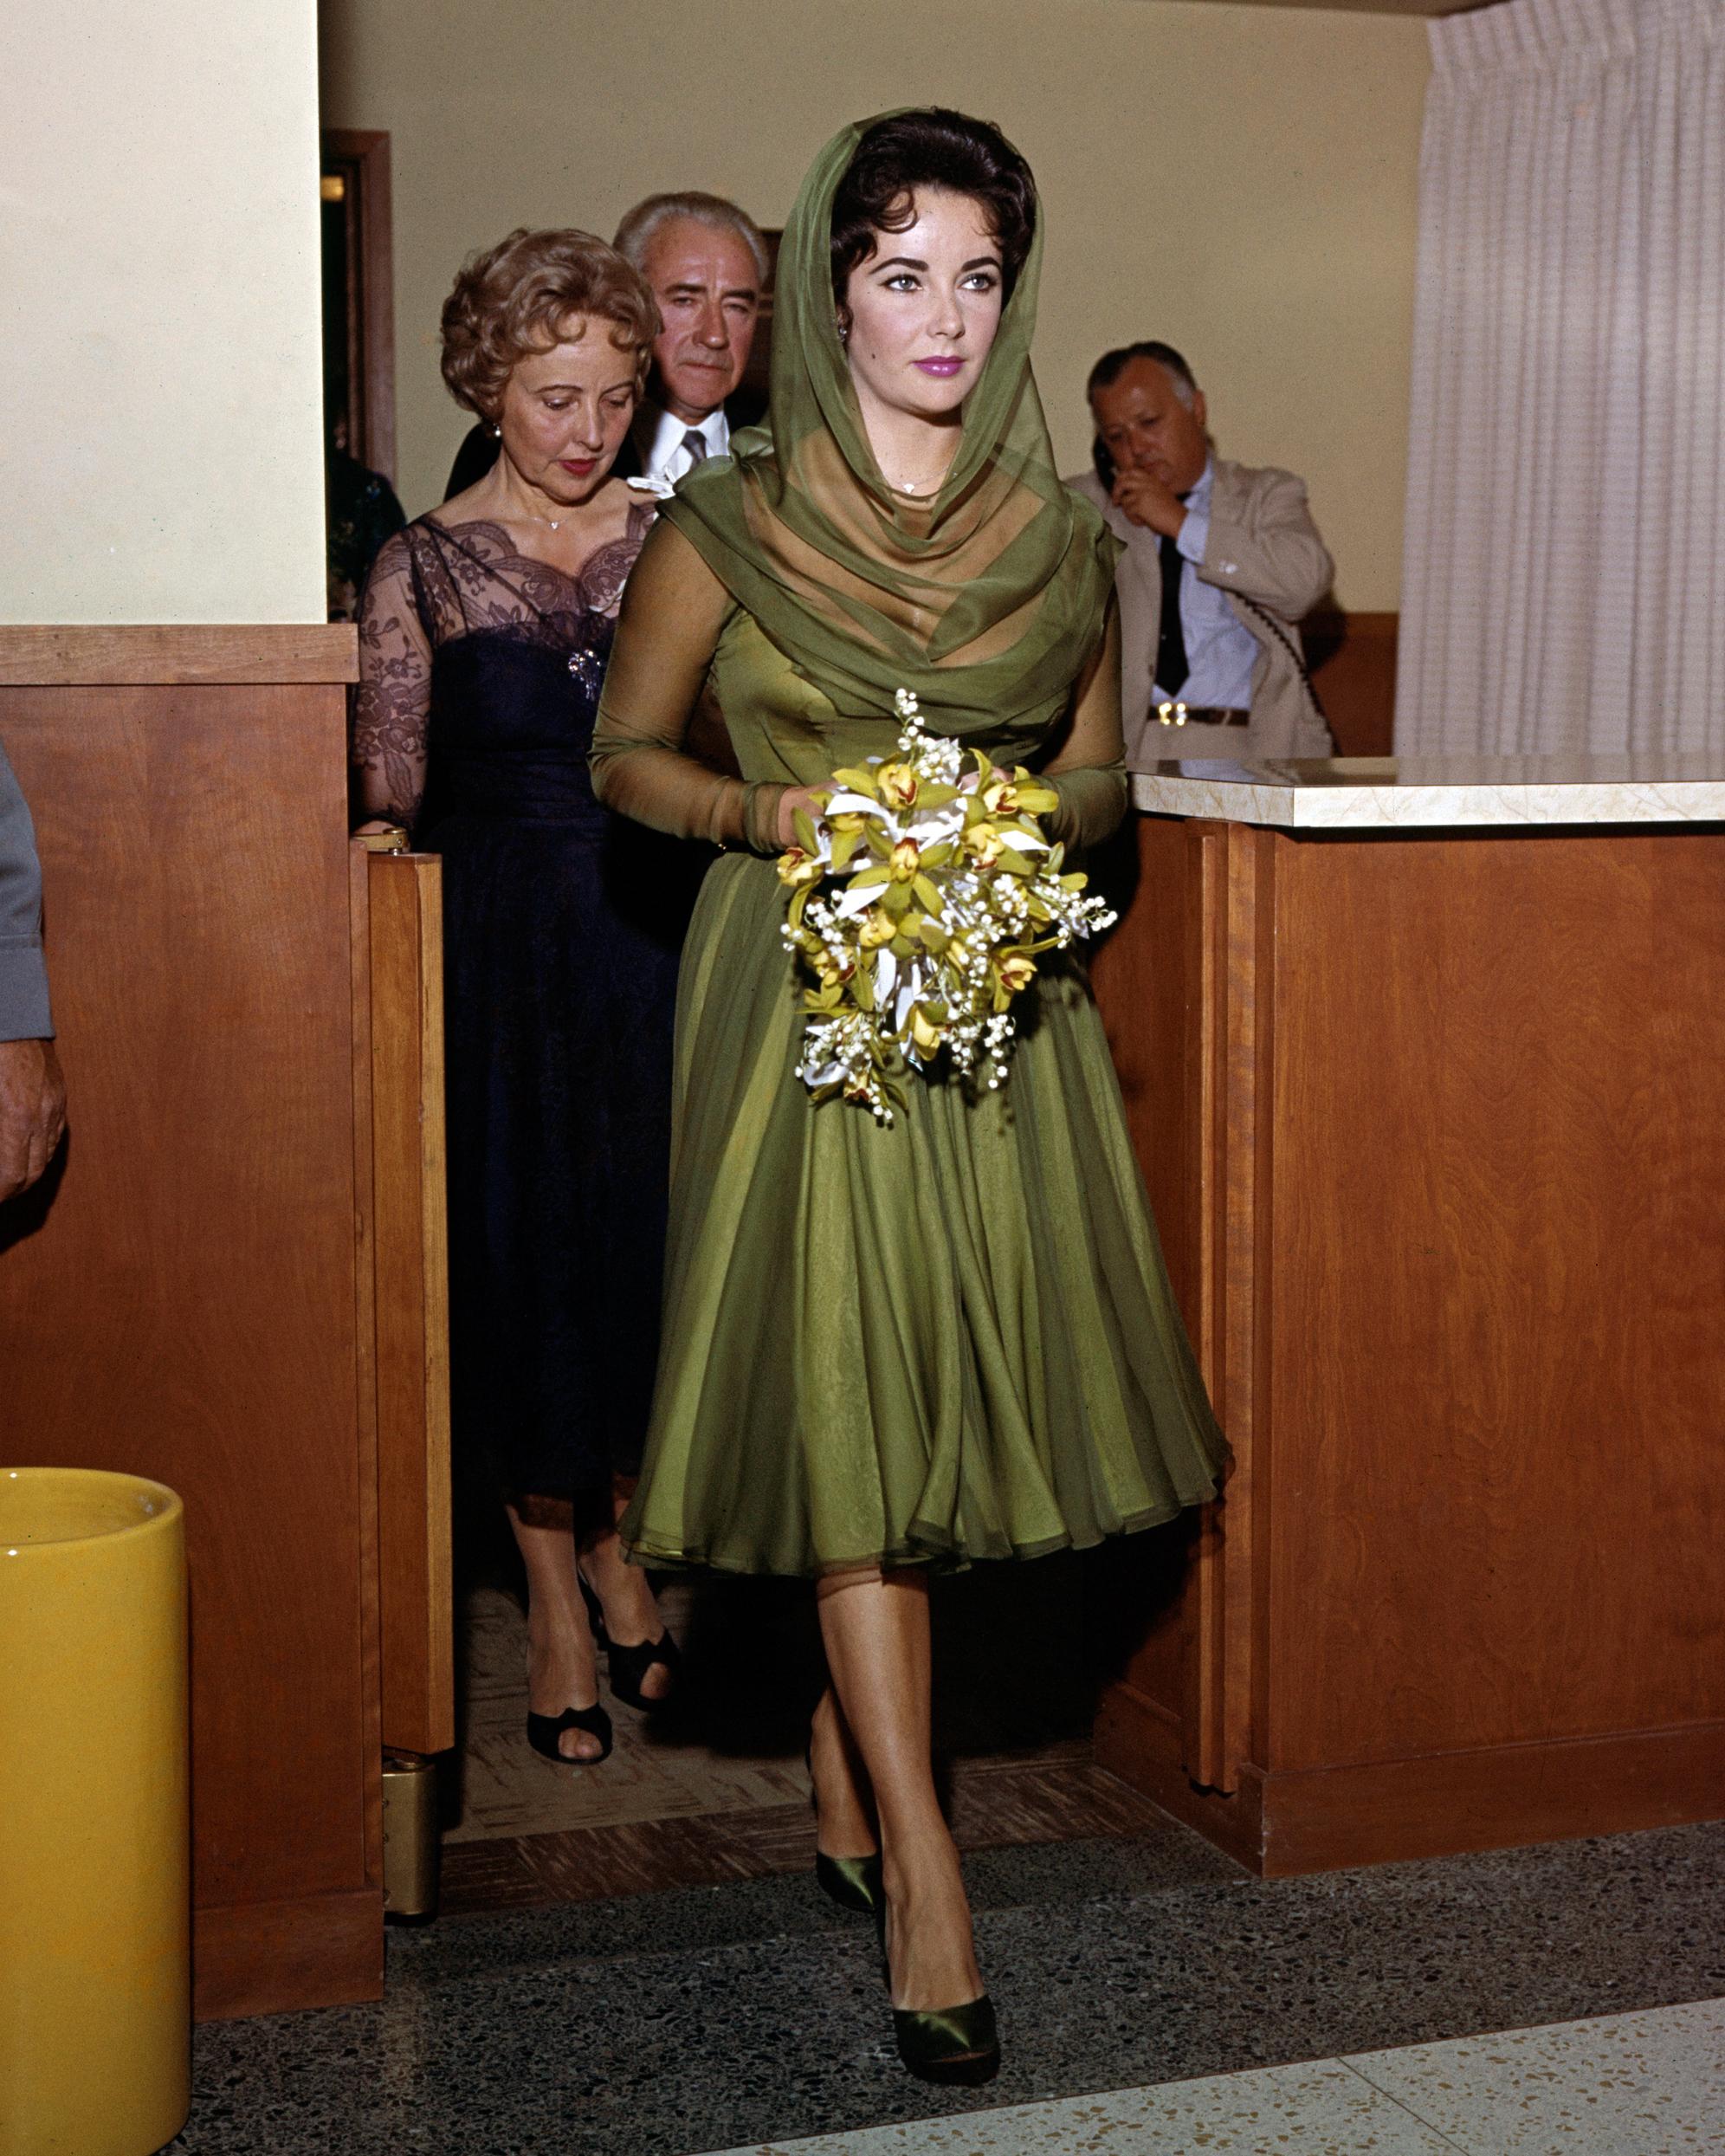 celebrity-colorful-wedding-dresses-elizabeth-taylor-green-gettyimages-536210215-0815.jpg